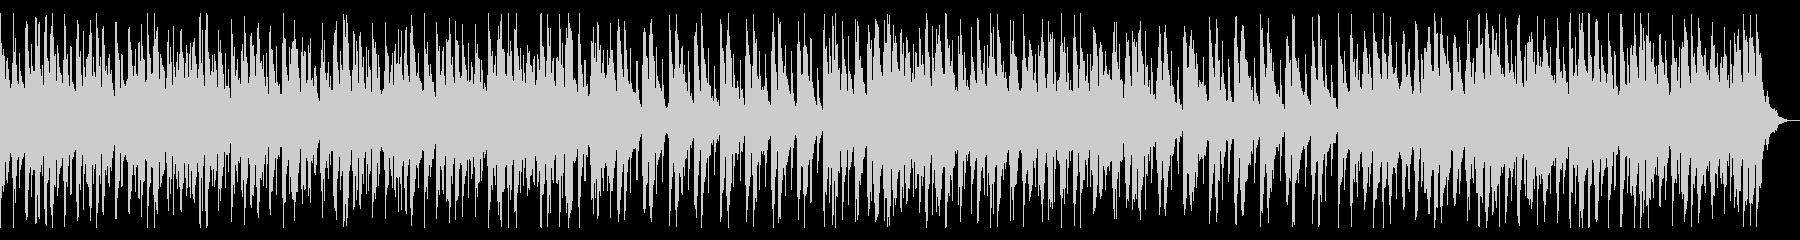 三味線が際立つ和太鼓と尺八の和風音楽の未再生の波形